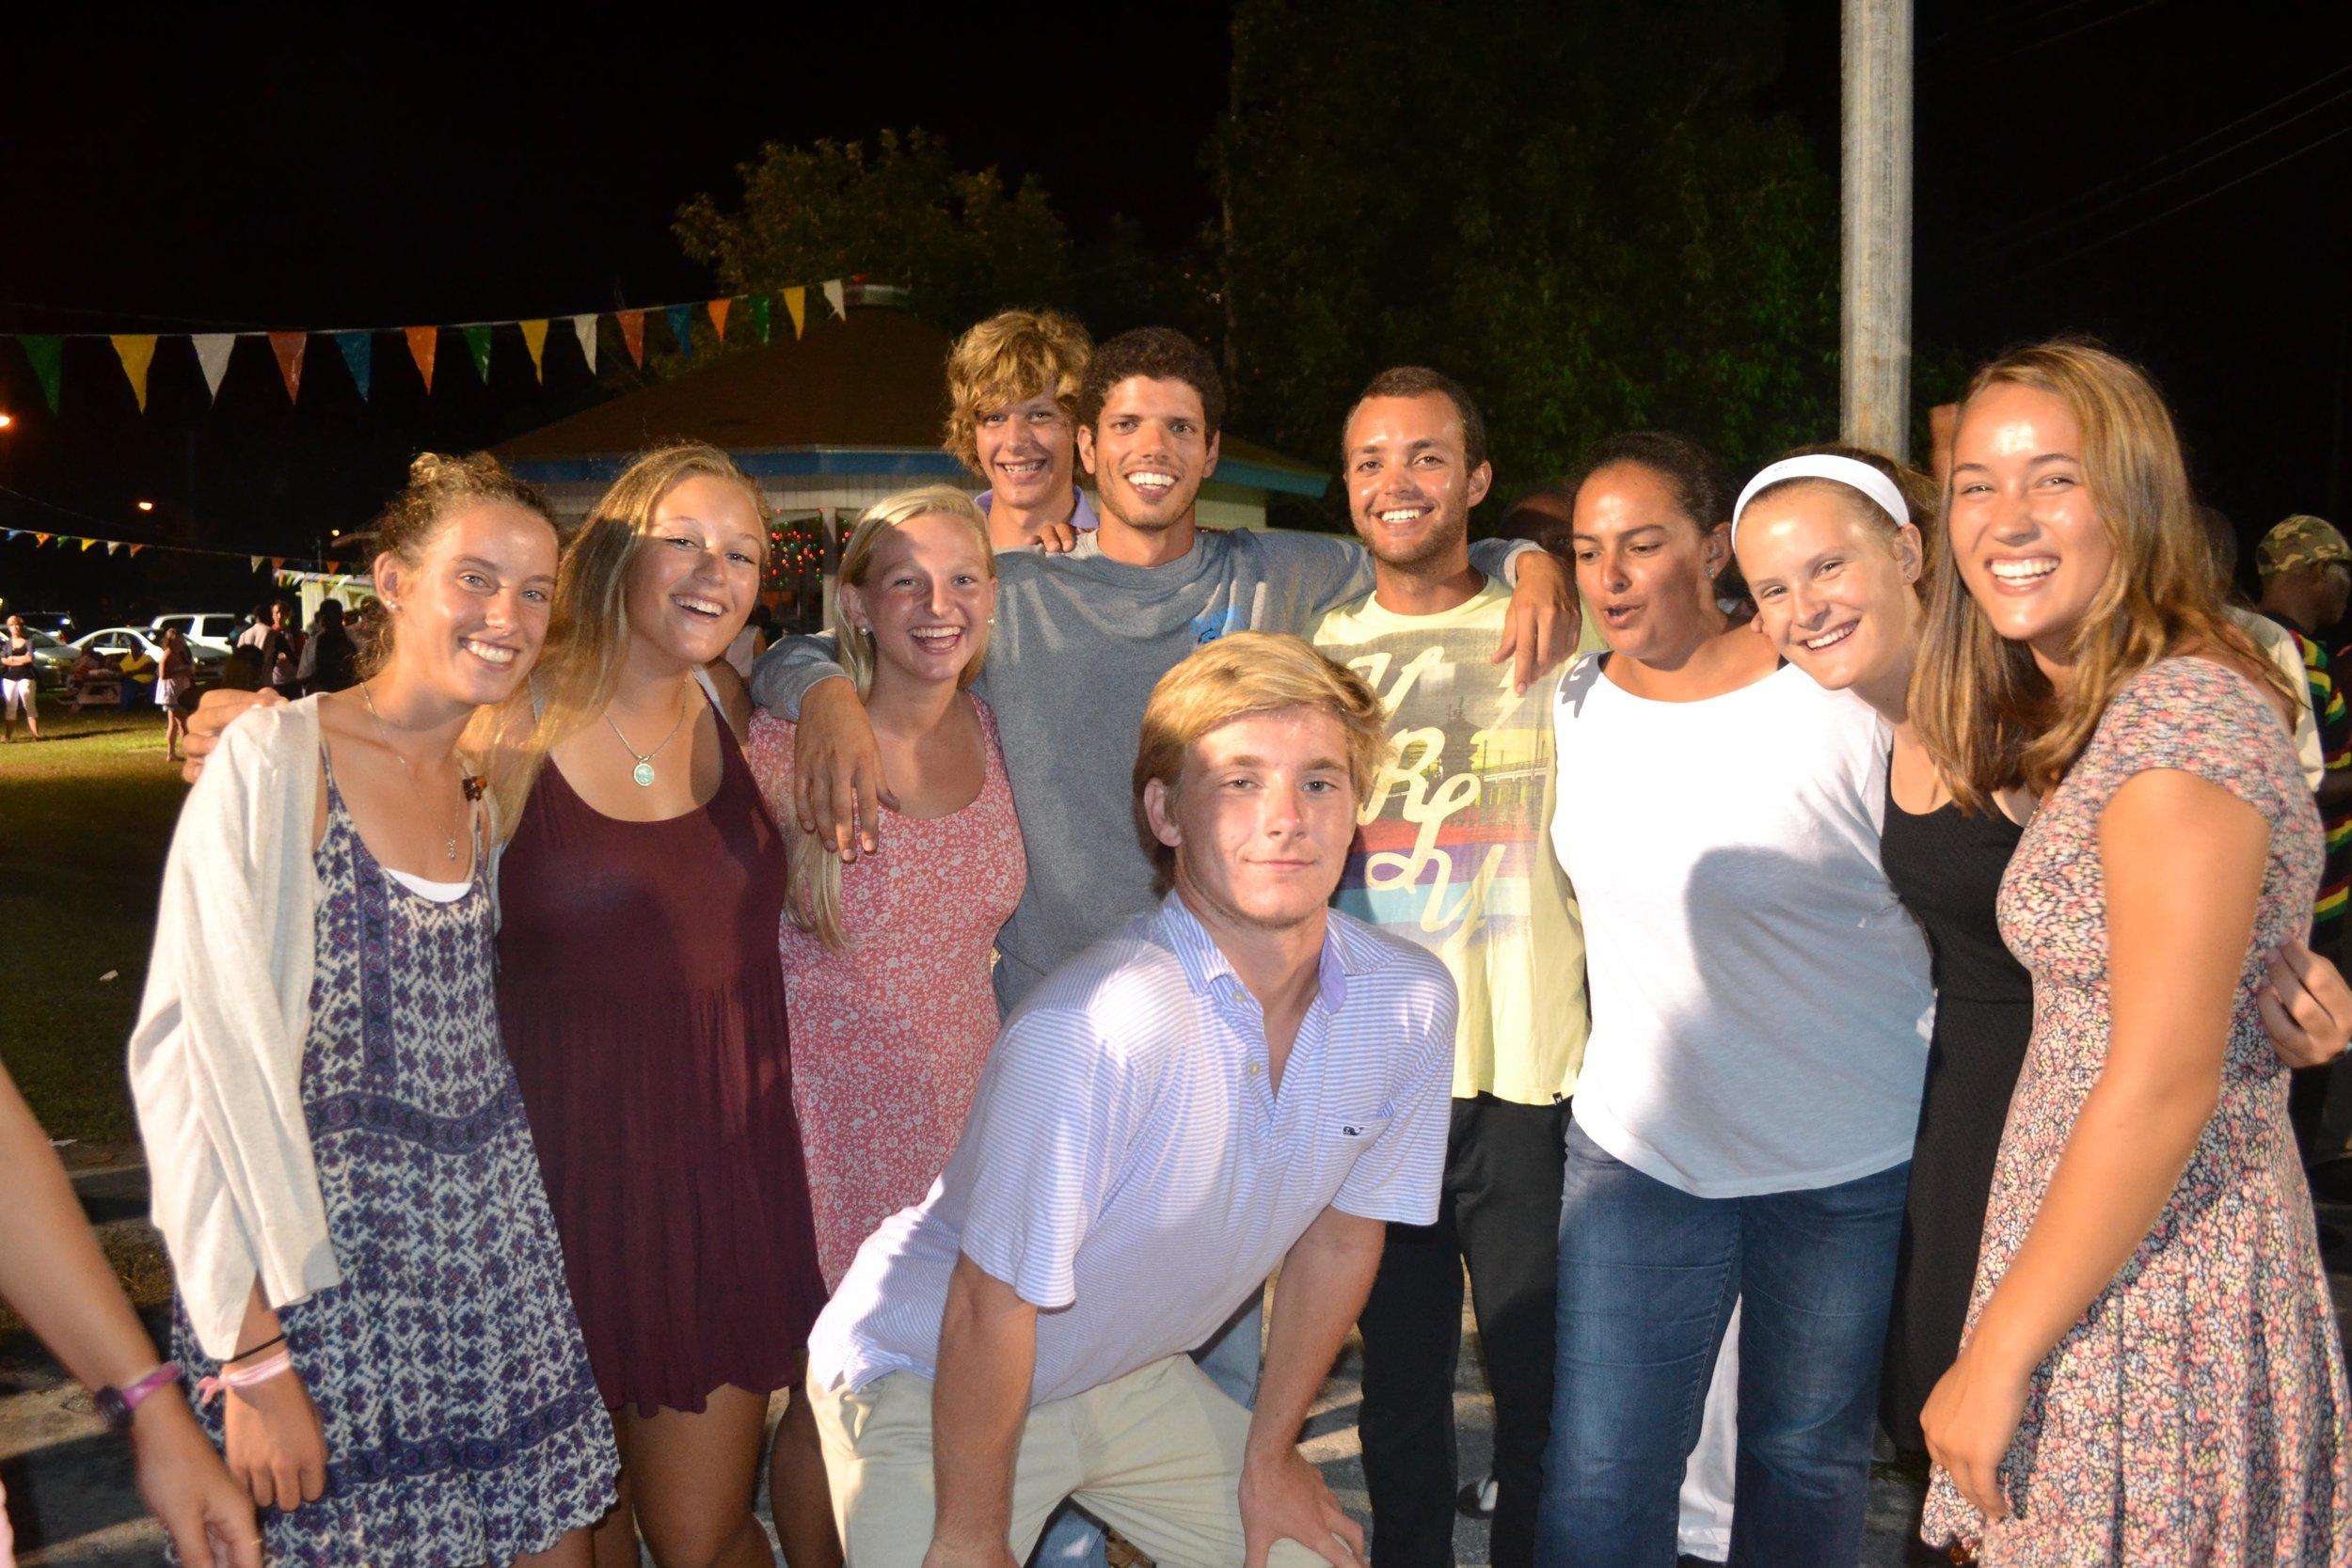 Students at Weymss Bight Homecoming.